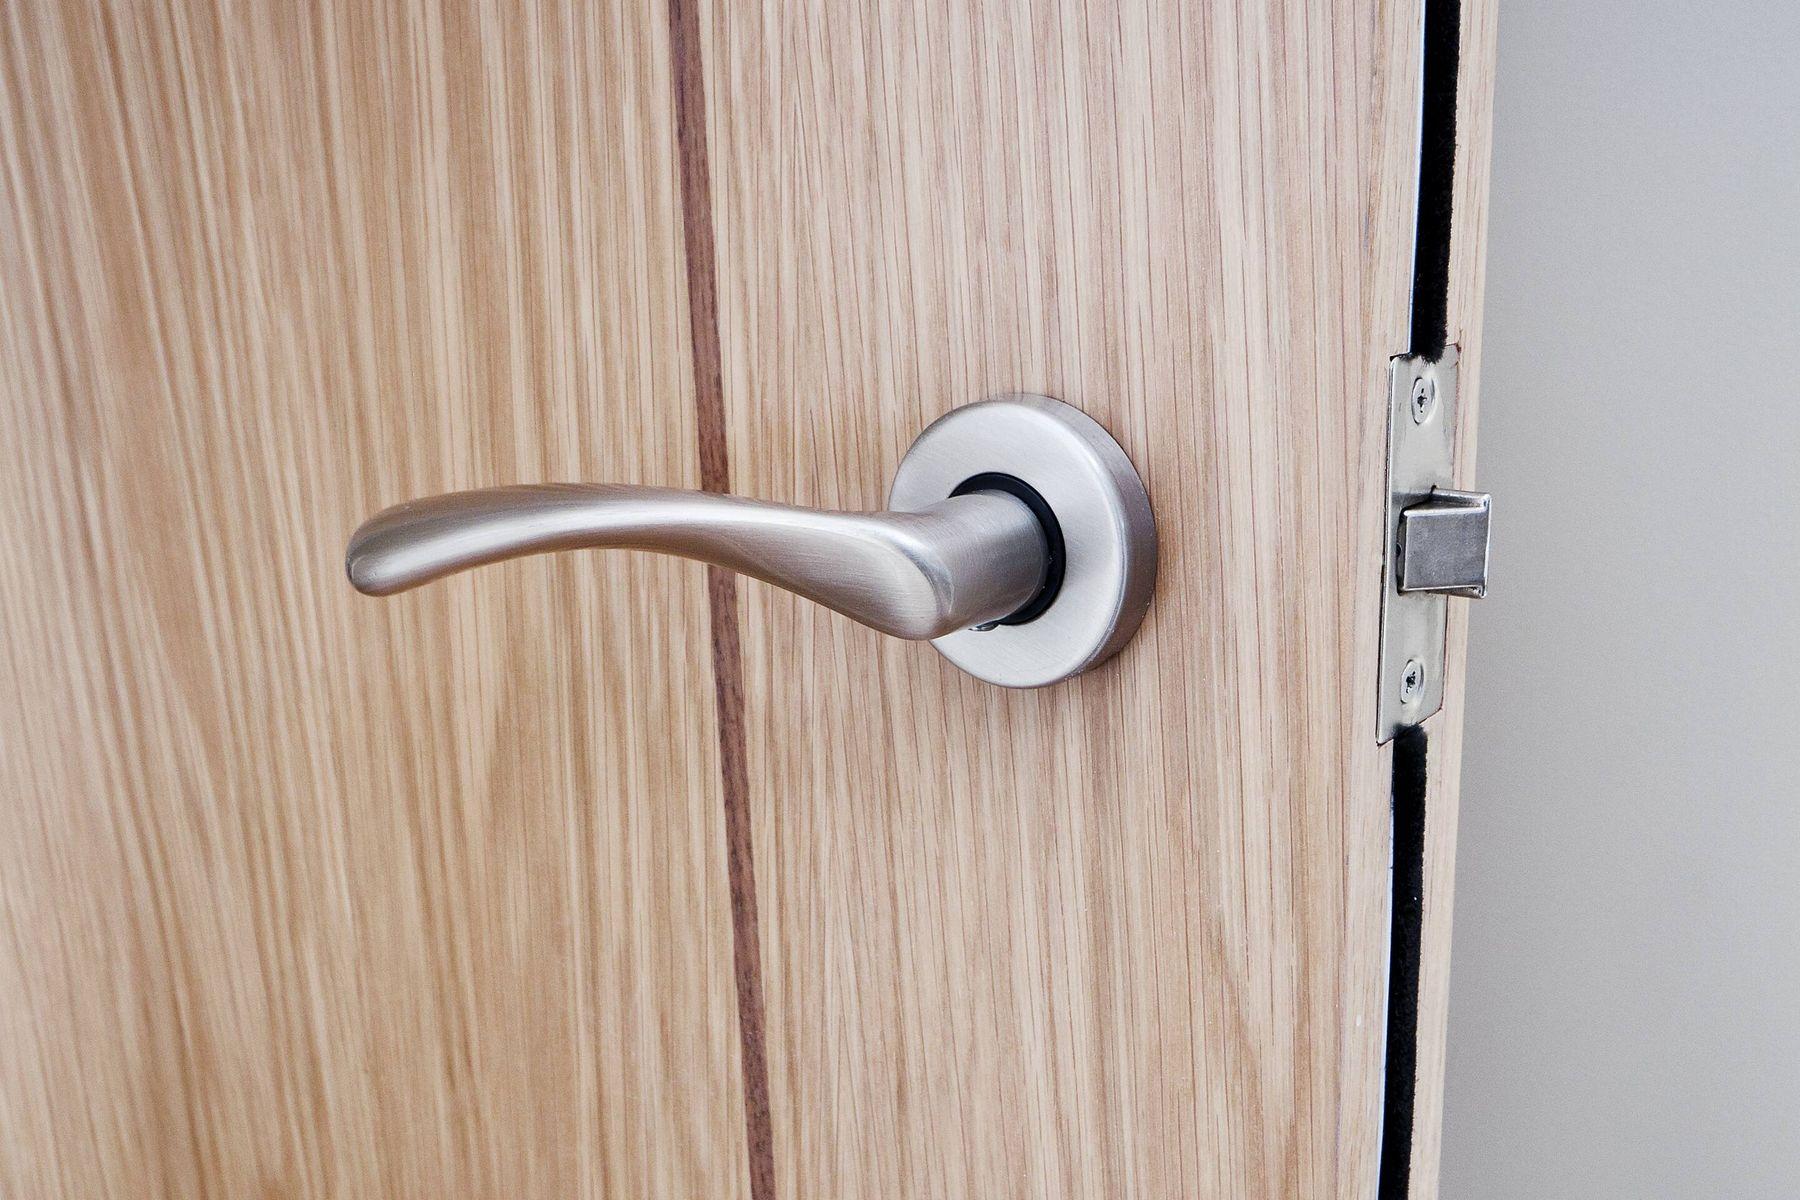 door handle on door